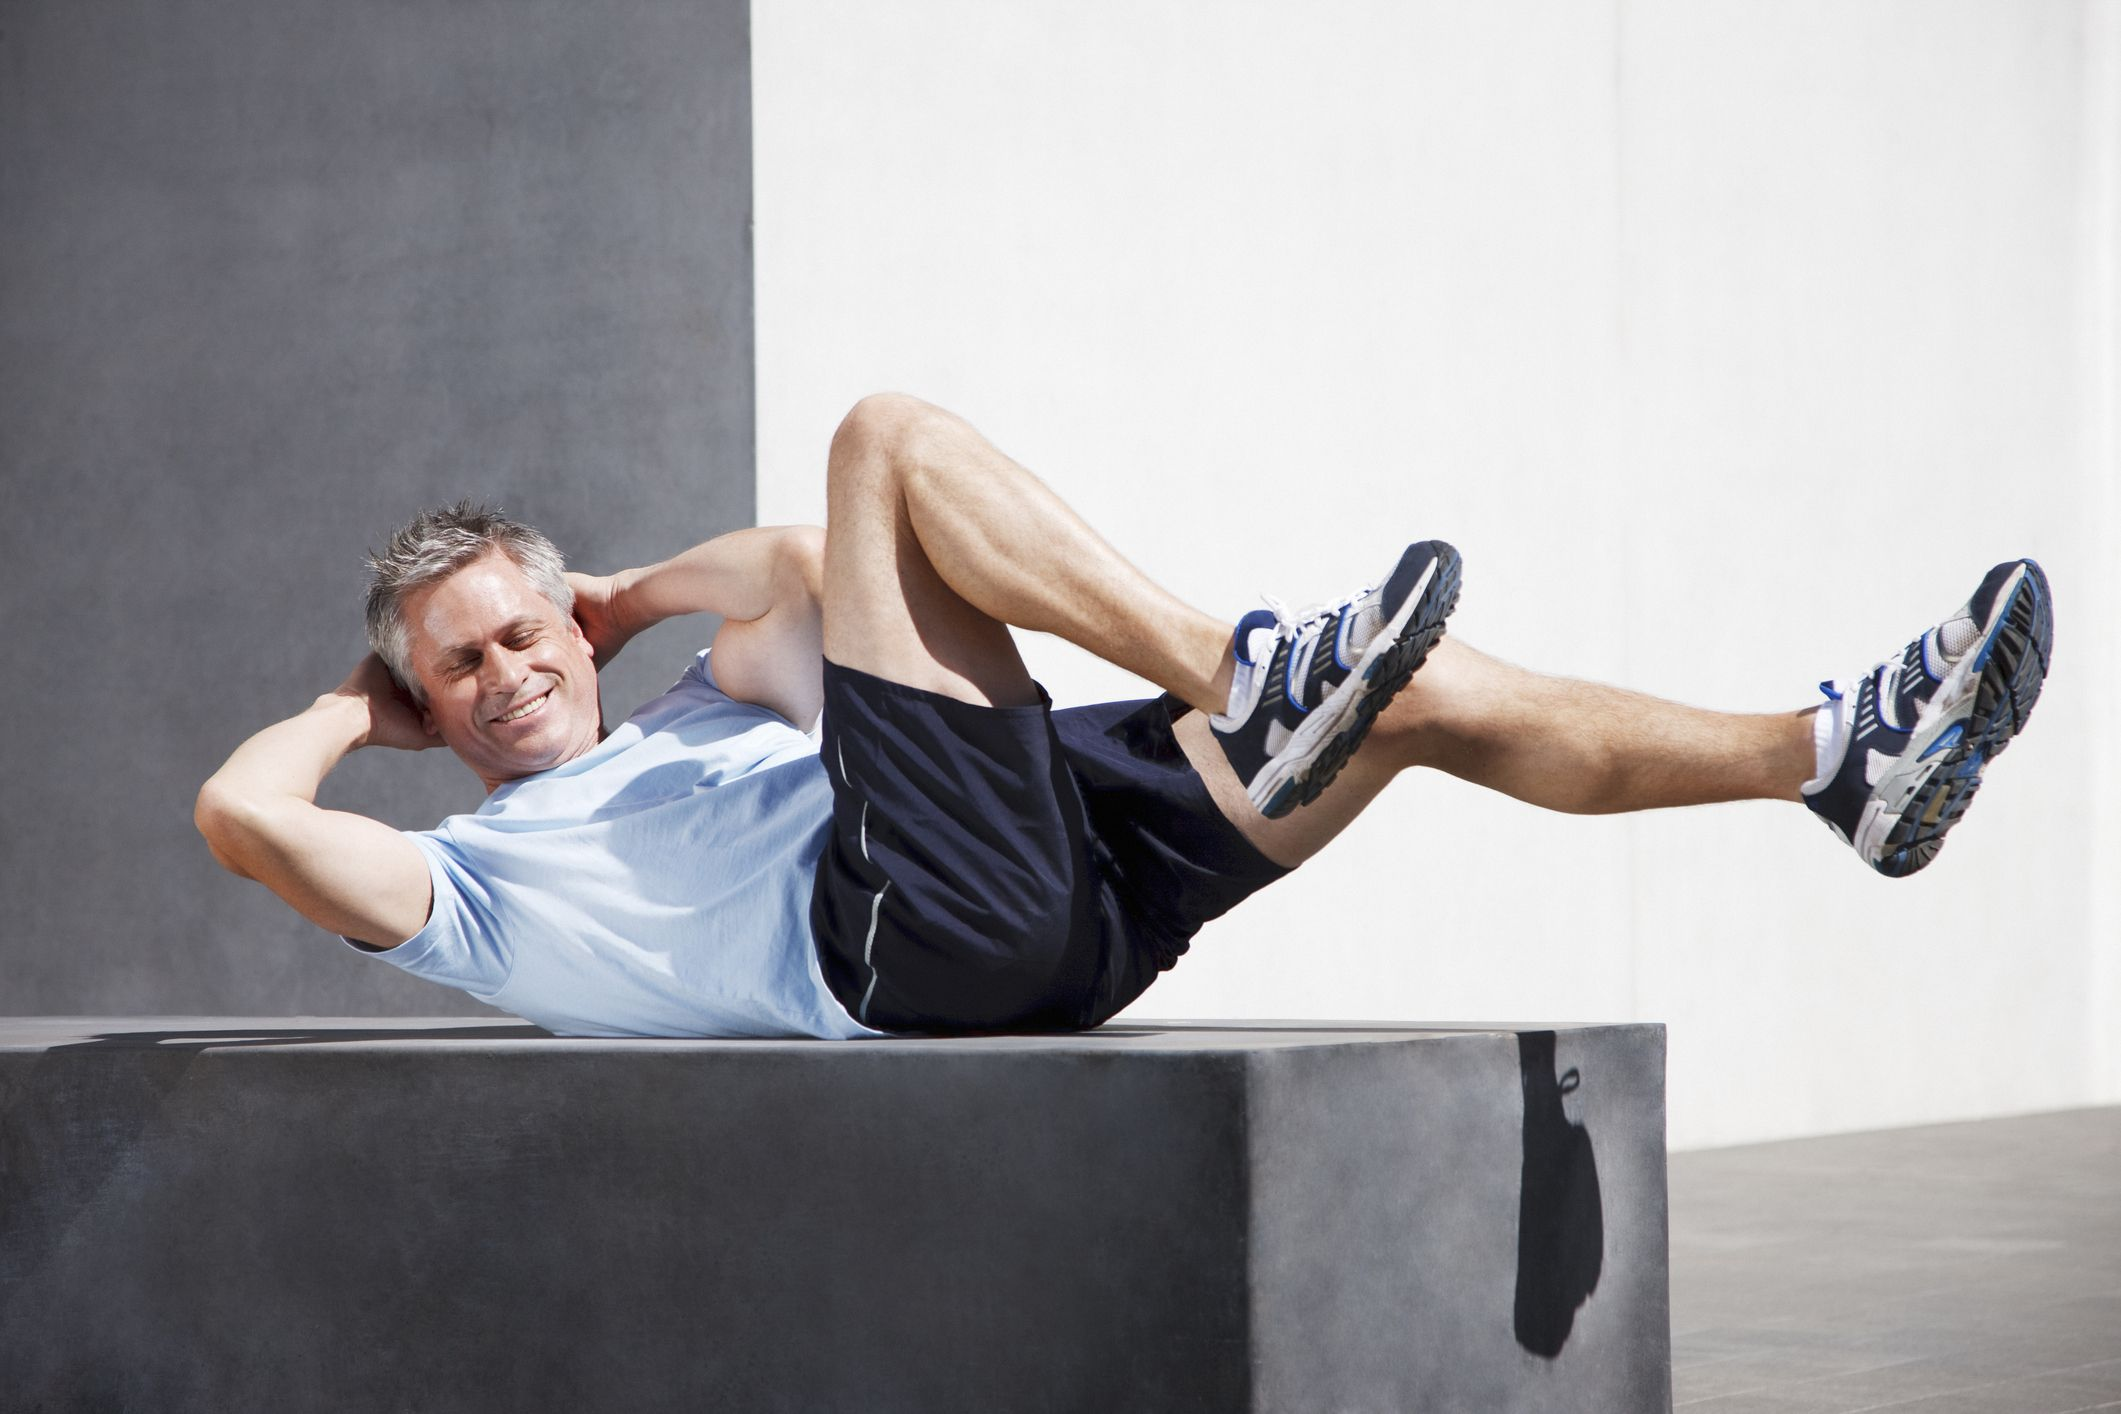 Las 5 mejores maneras de perder peso después de los 40 años